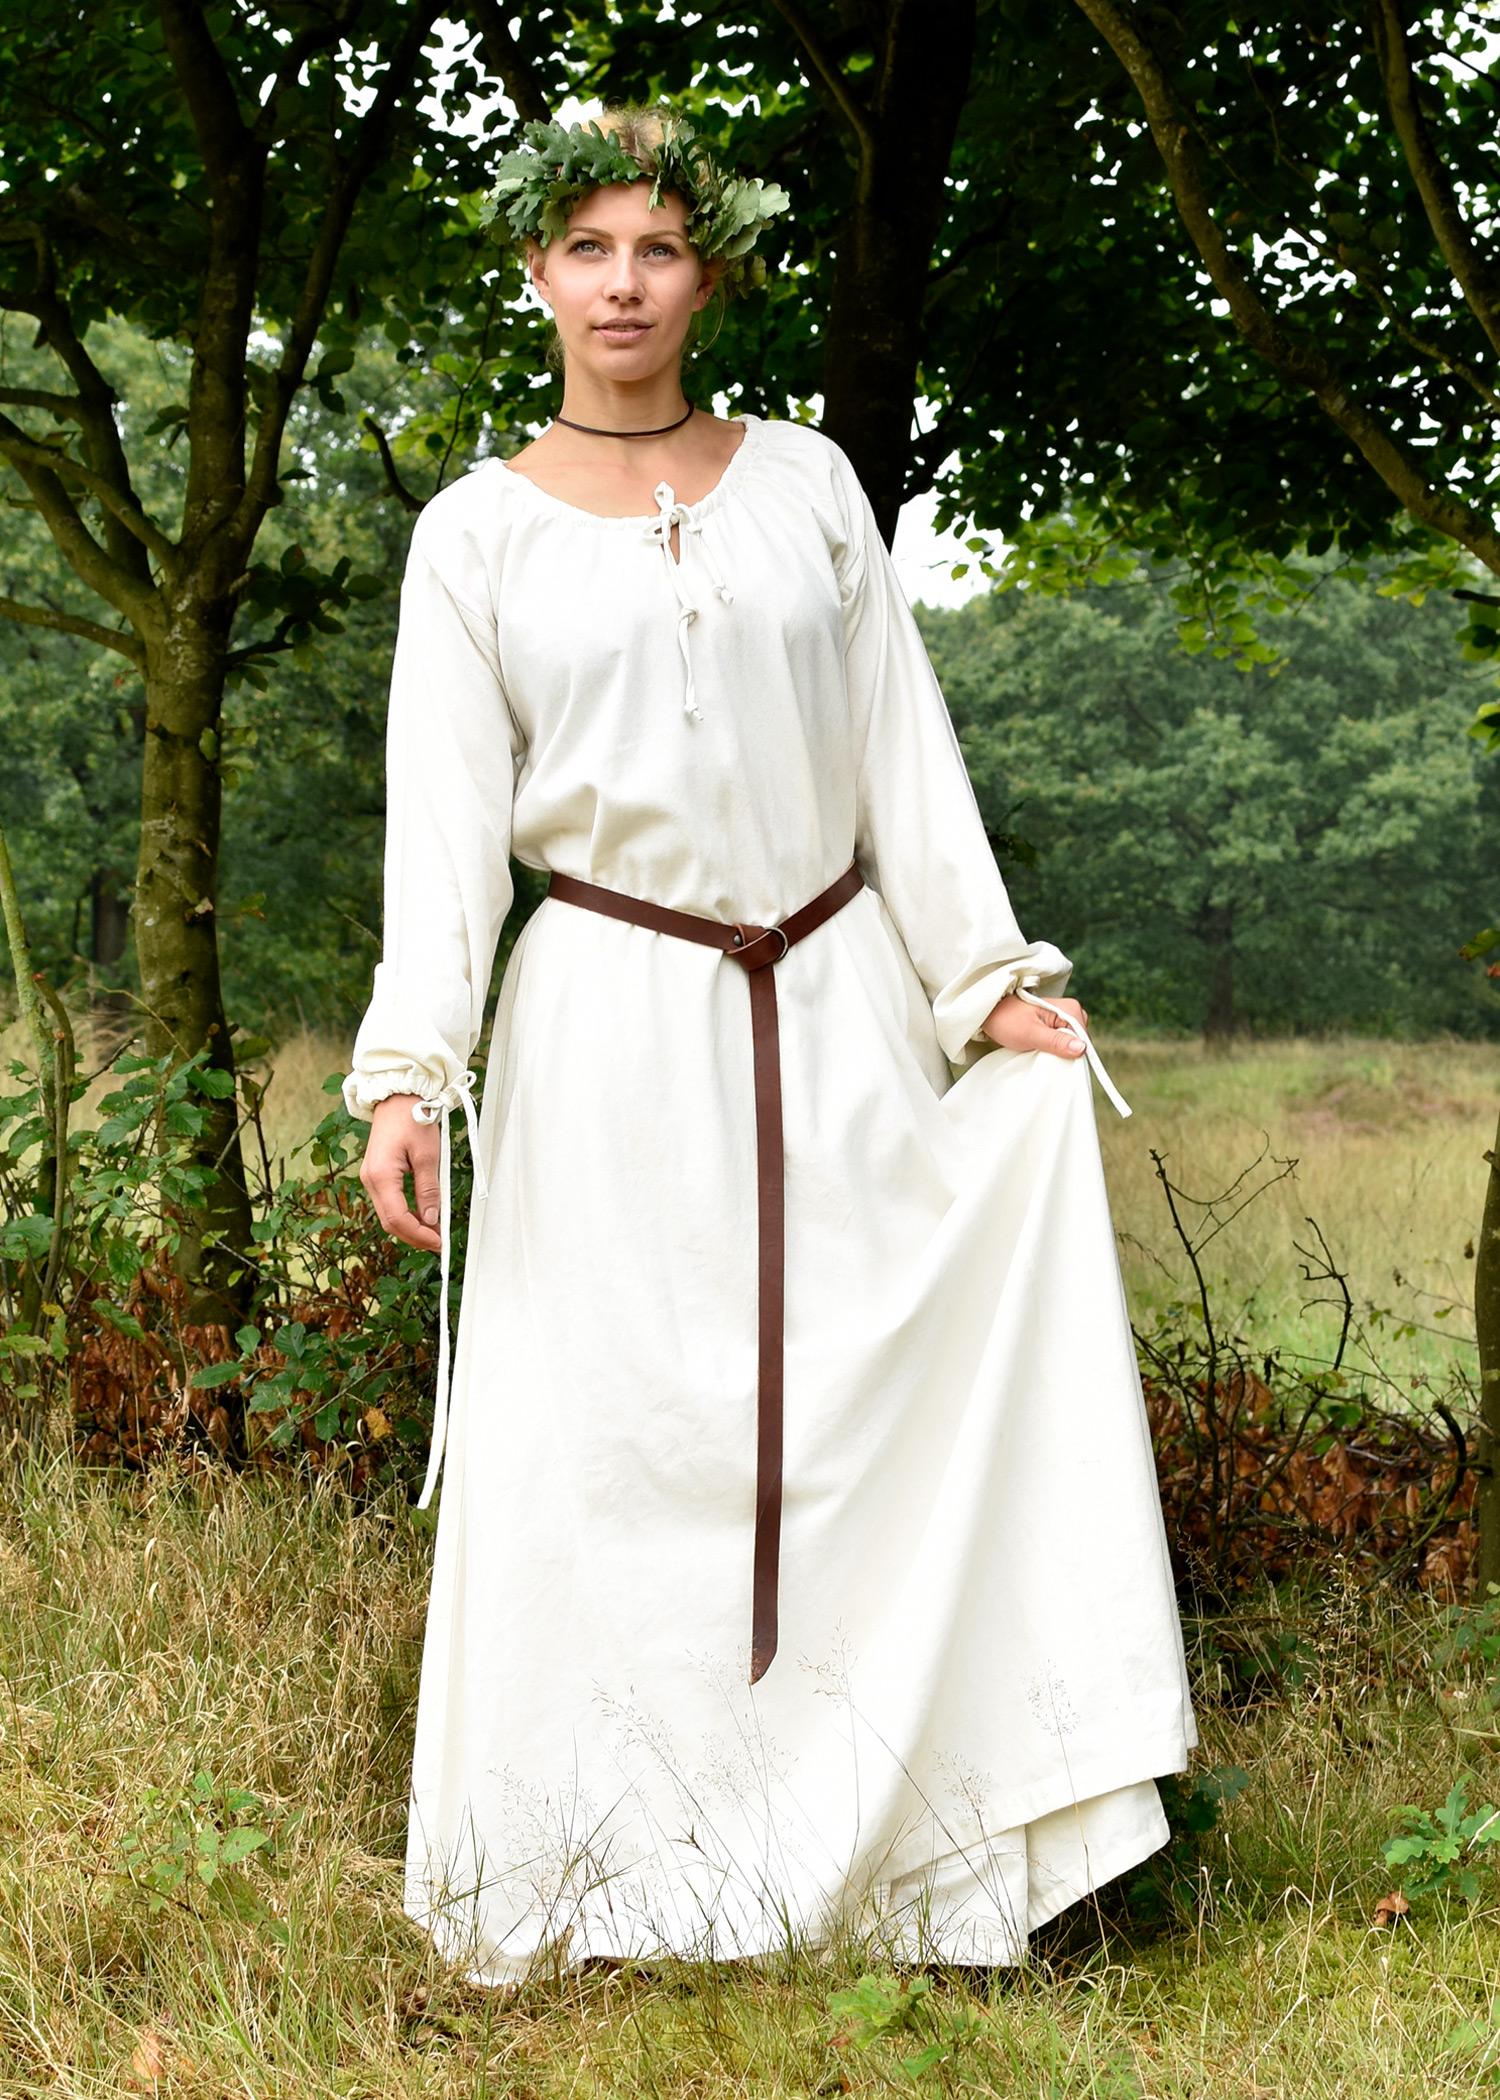 Sommerliches Mittelalterkleid in heller Farbe